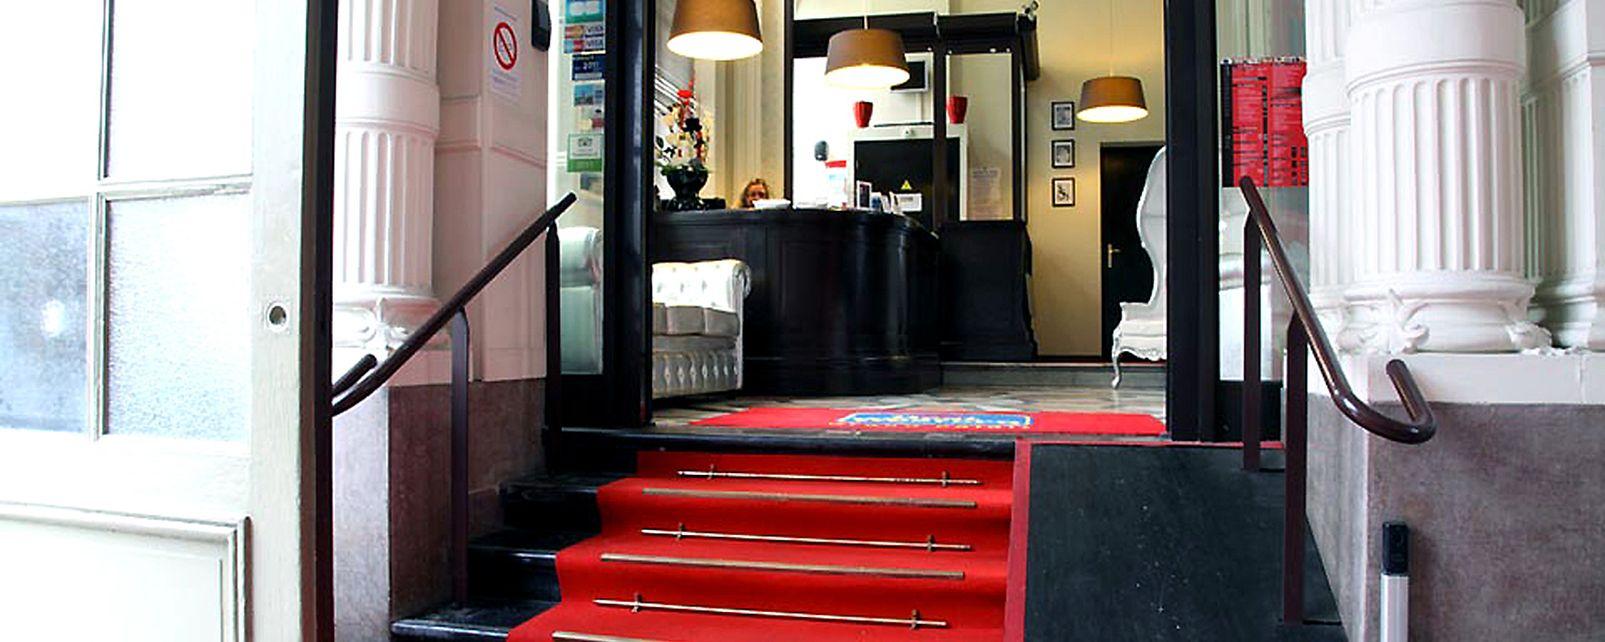 H tel and spa grand palais lille - Salon a lille grand palais ...